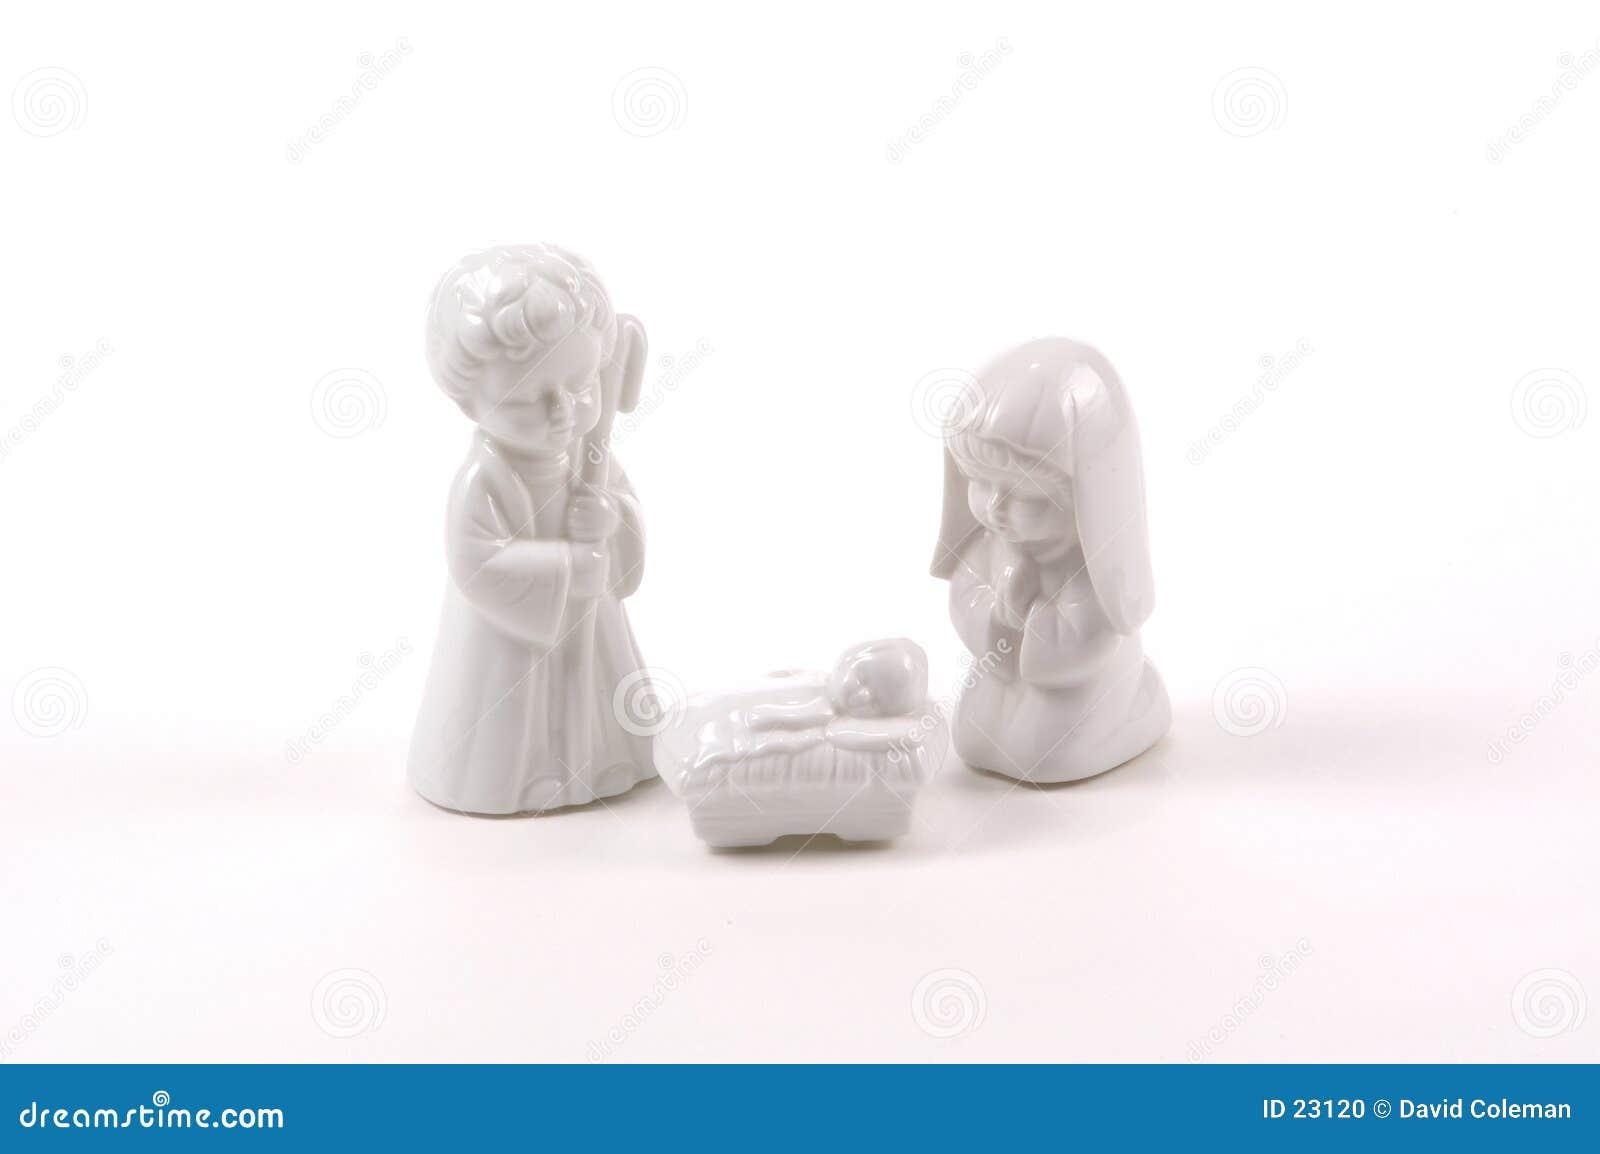 Children s Nativity